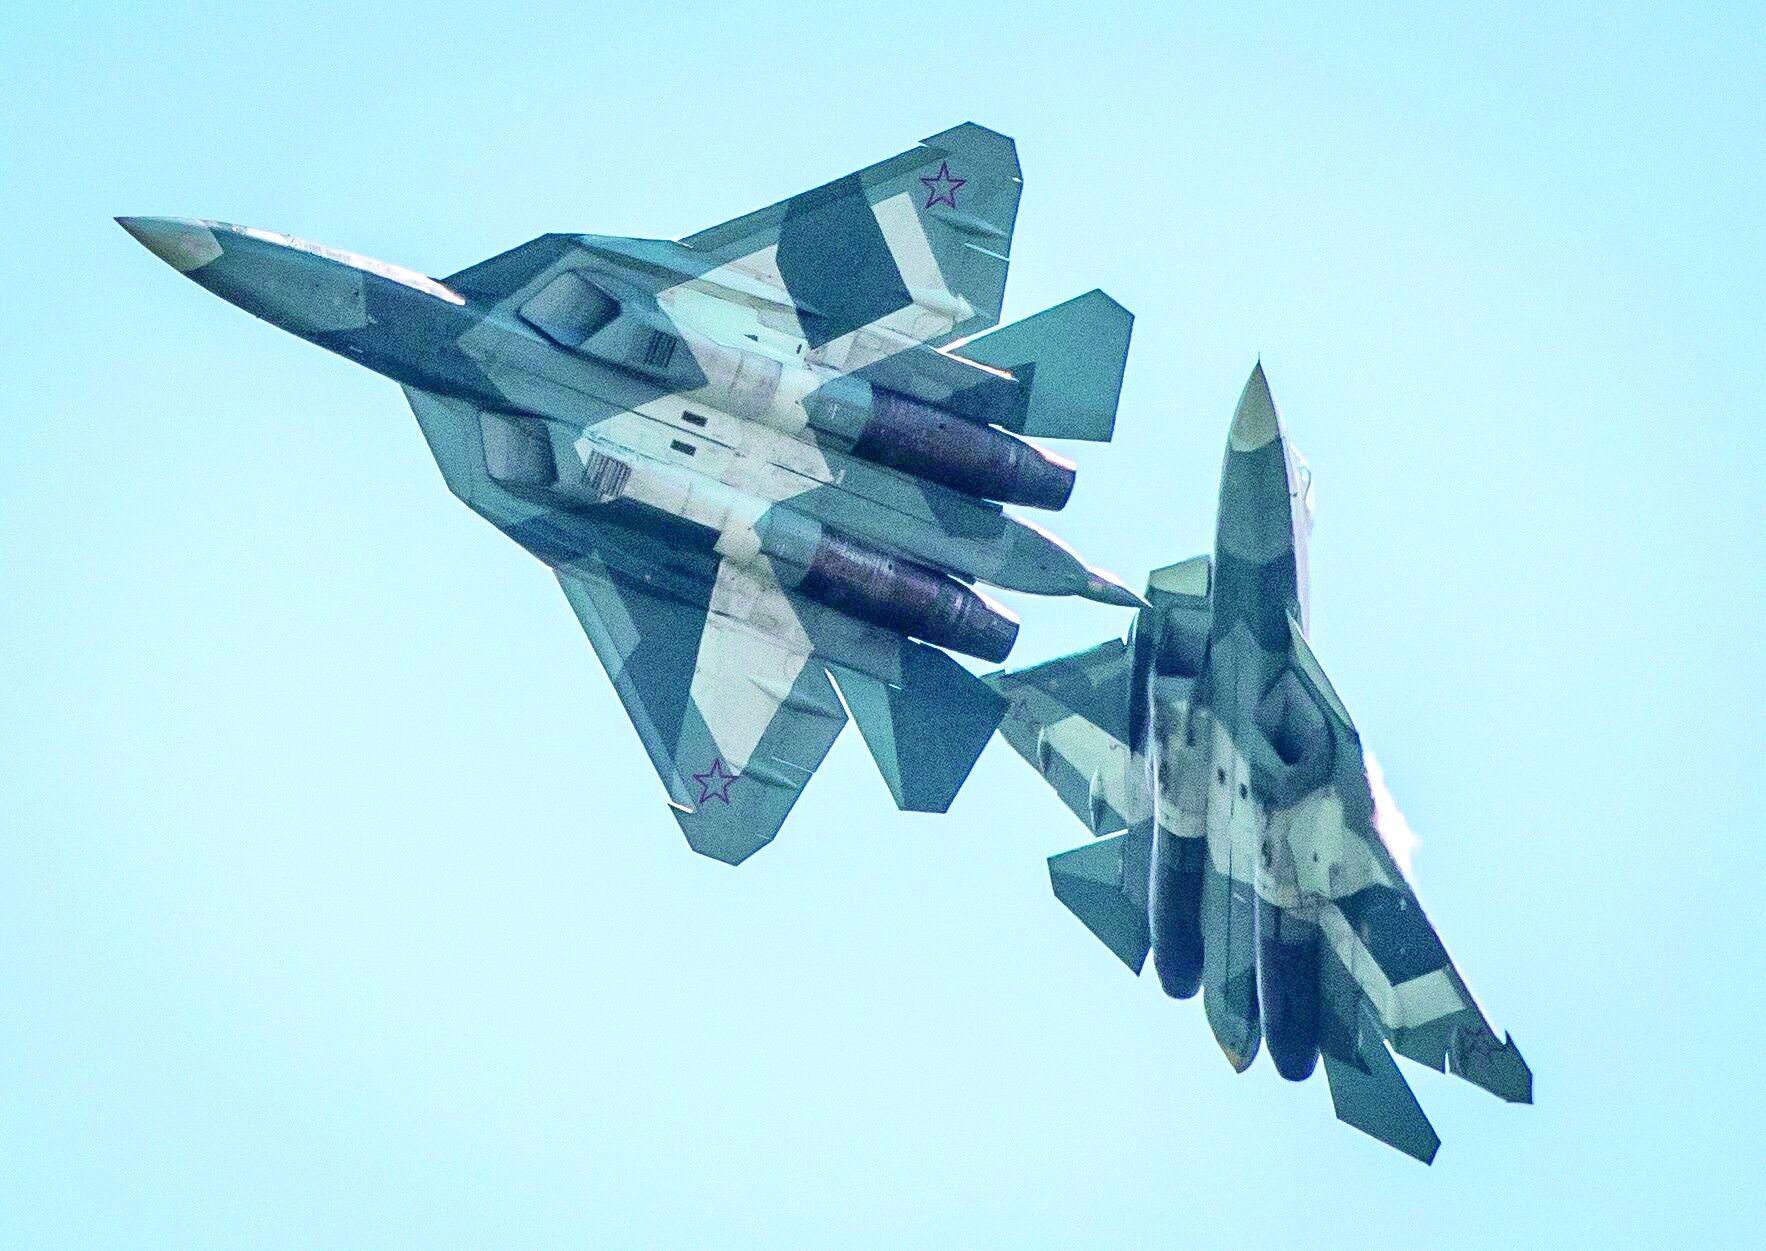 俄T-50正式更名苏-57被讽不如中美 印度眼馋心热